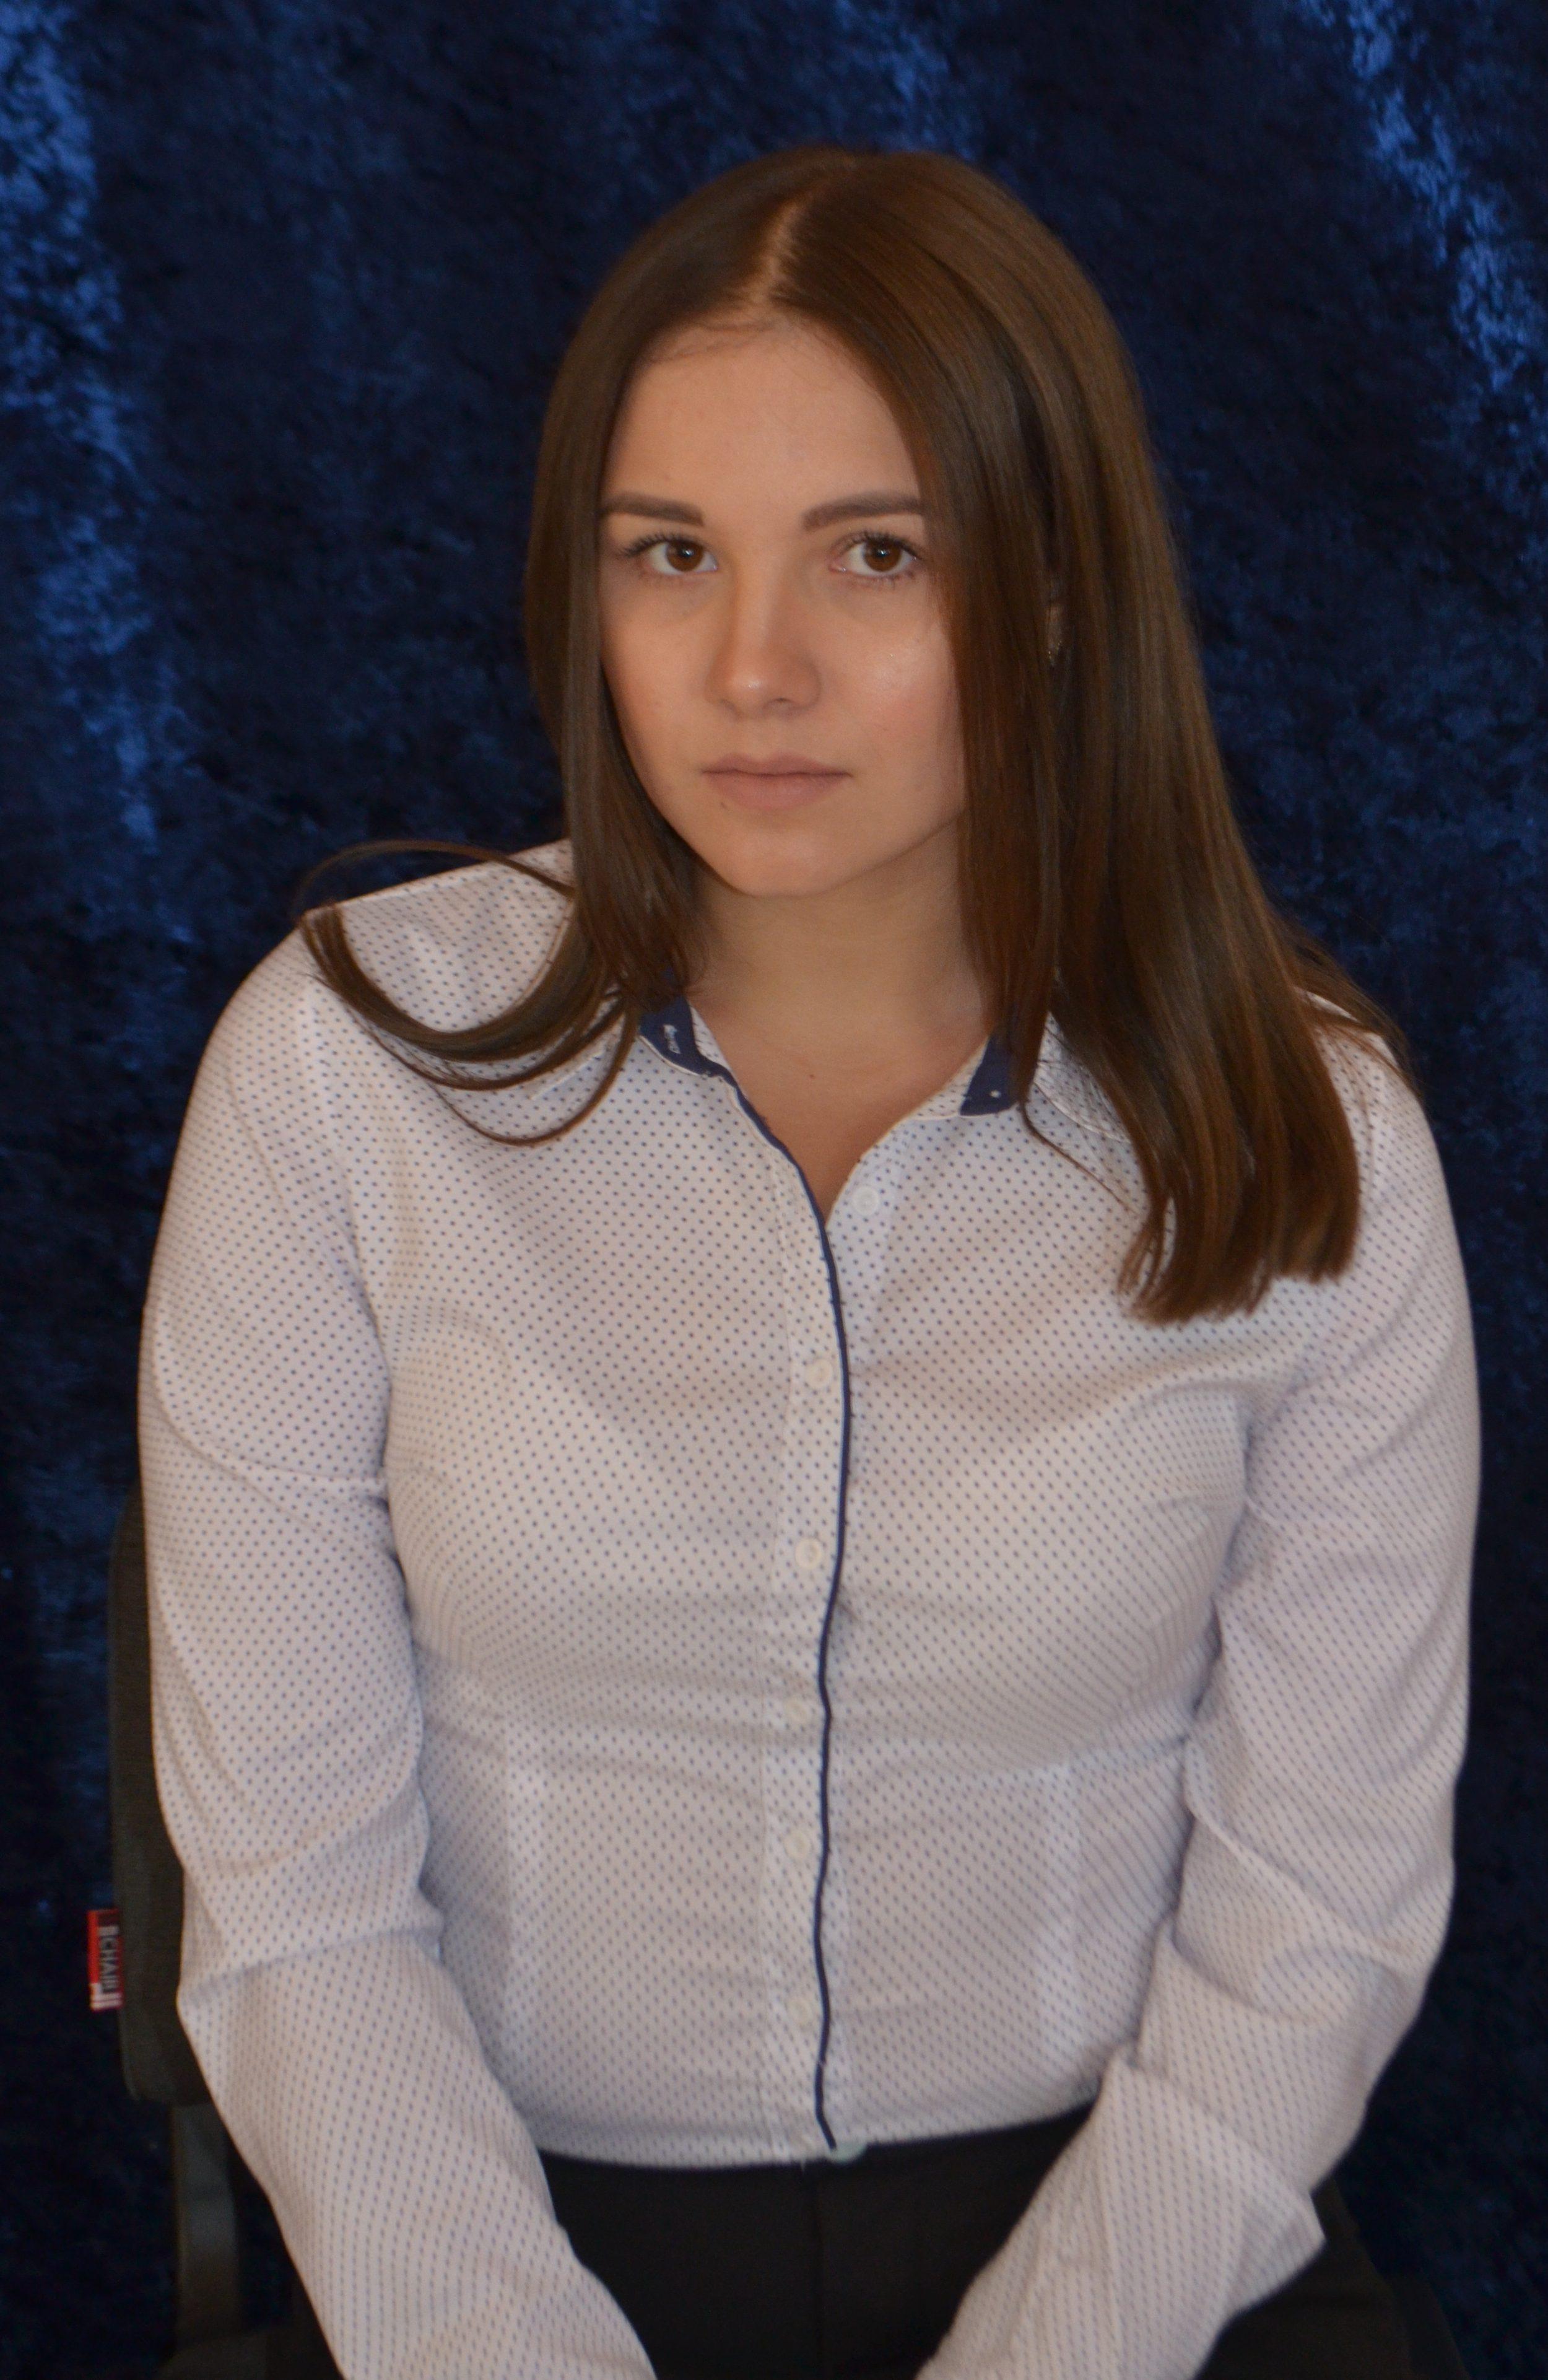 Грунтовская Ольга Александровна